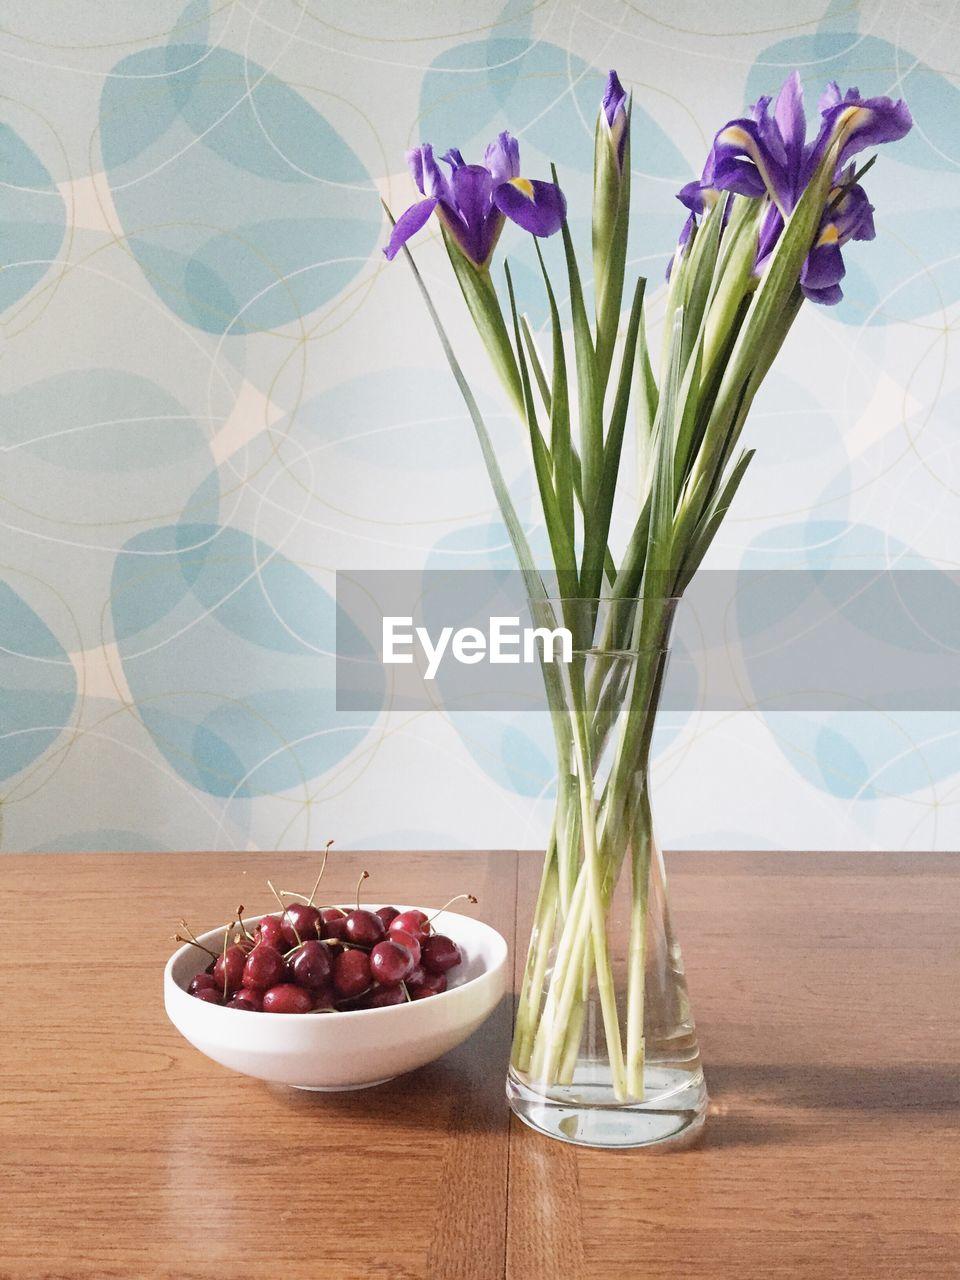 Iris Flowers In Vase By Cherries On Table